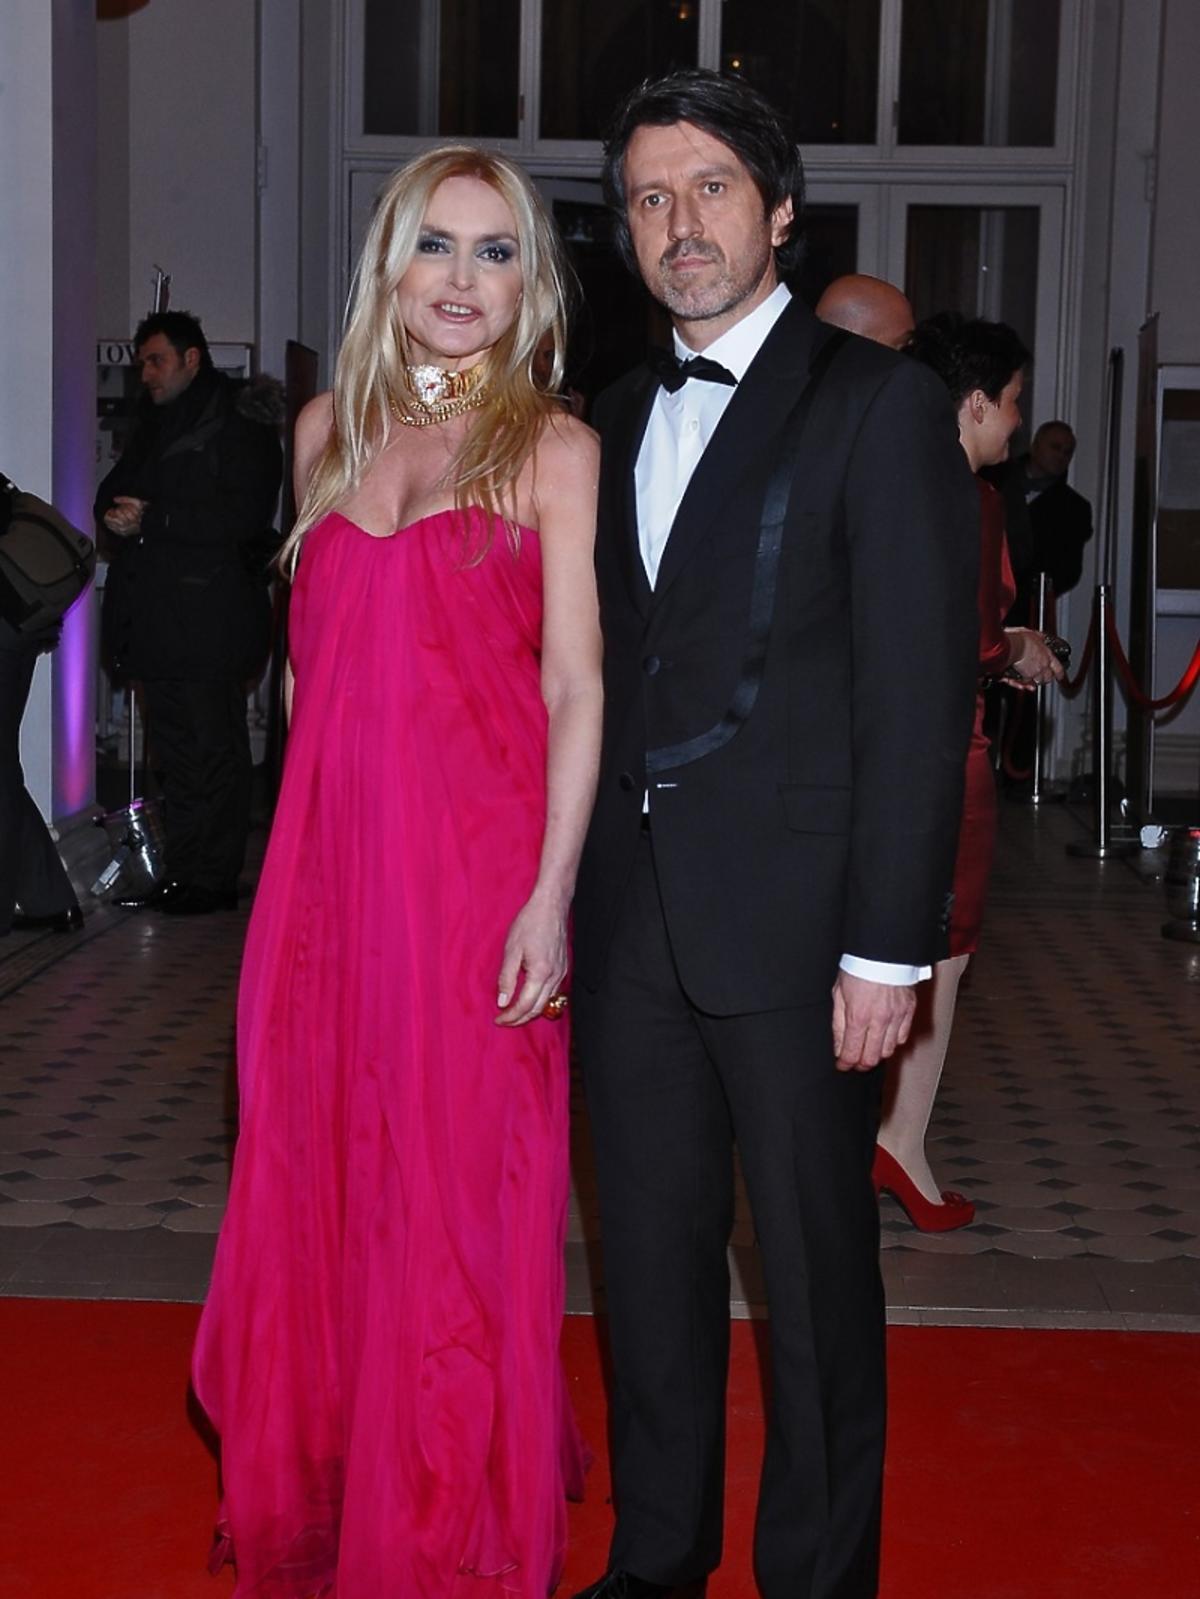 Monika Olejnik i Tomasz Ziółkowski elegancko ubrani pozują do zdjęcia